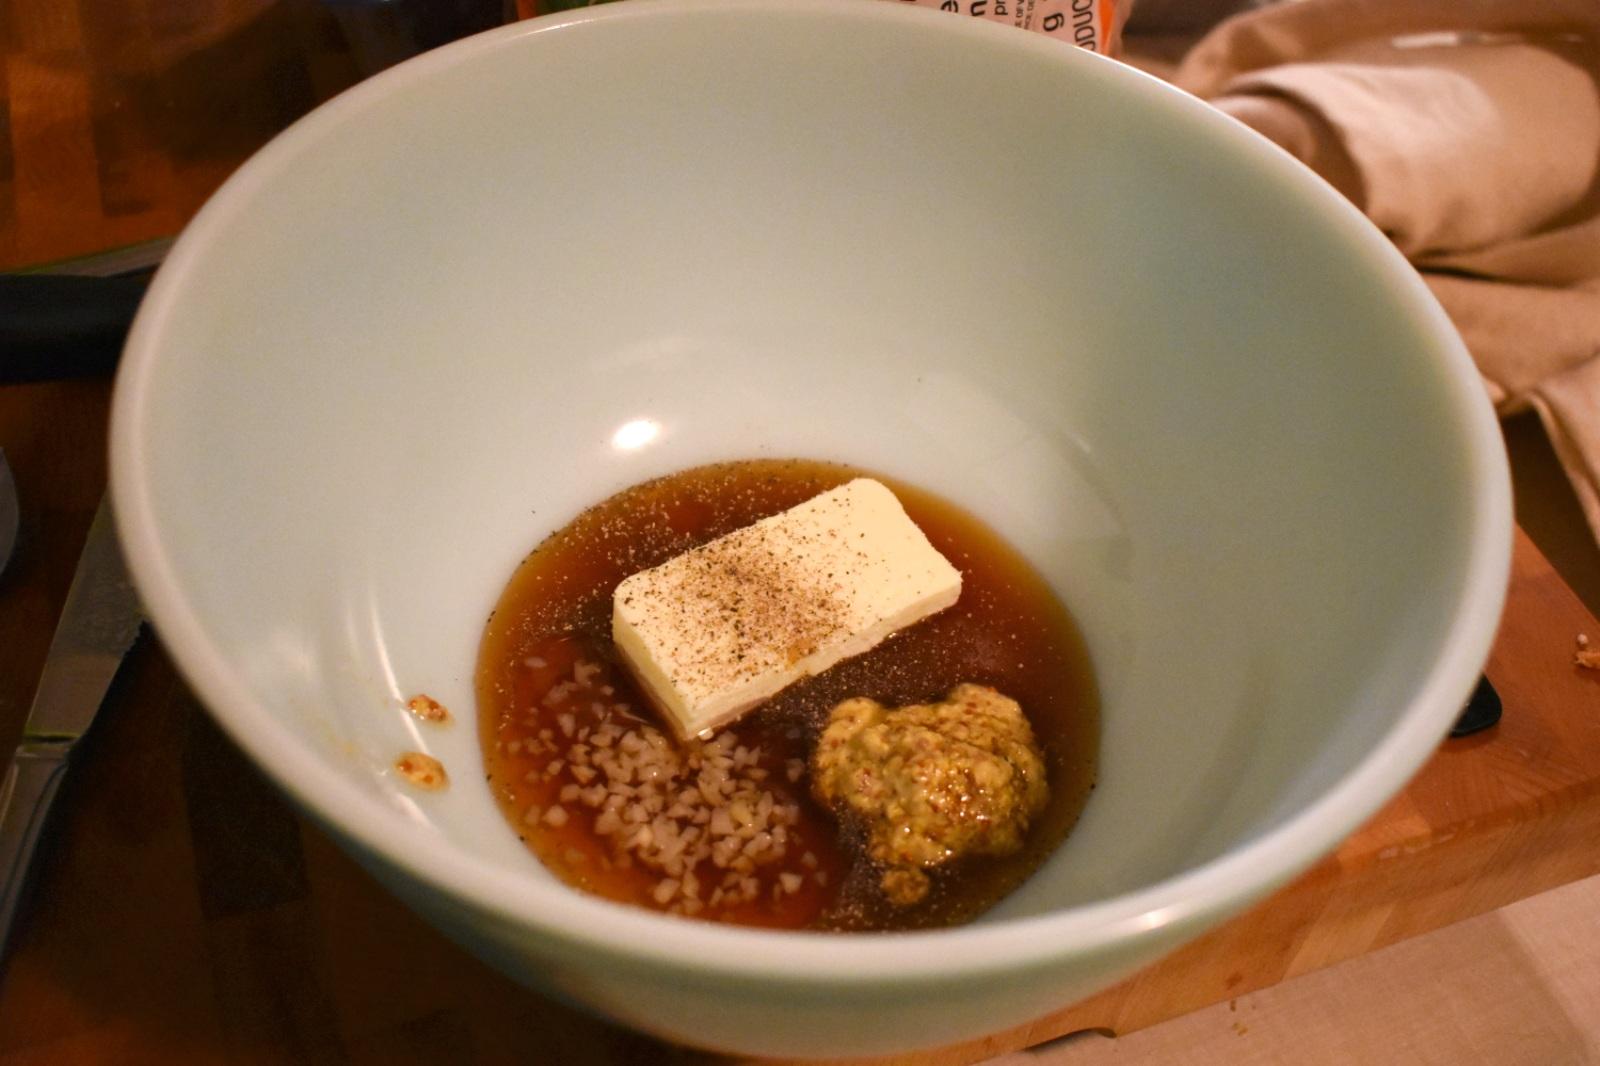 Carottes glacées à l'érable et à la moutarde - Auboutdelalangue.com (2)